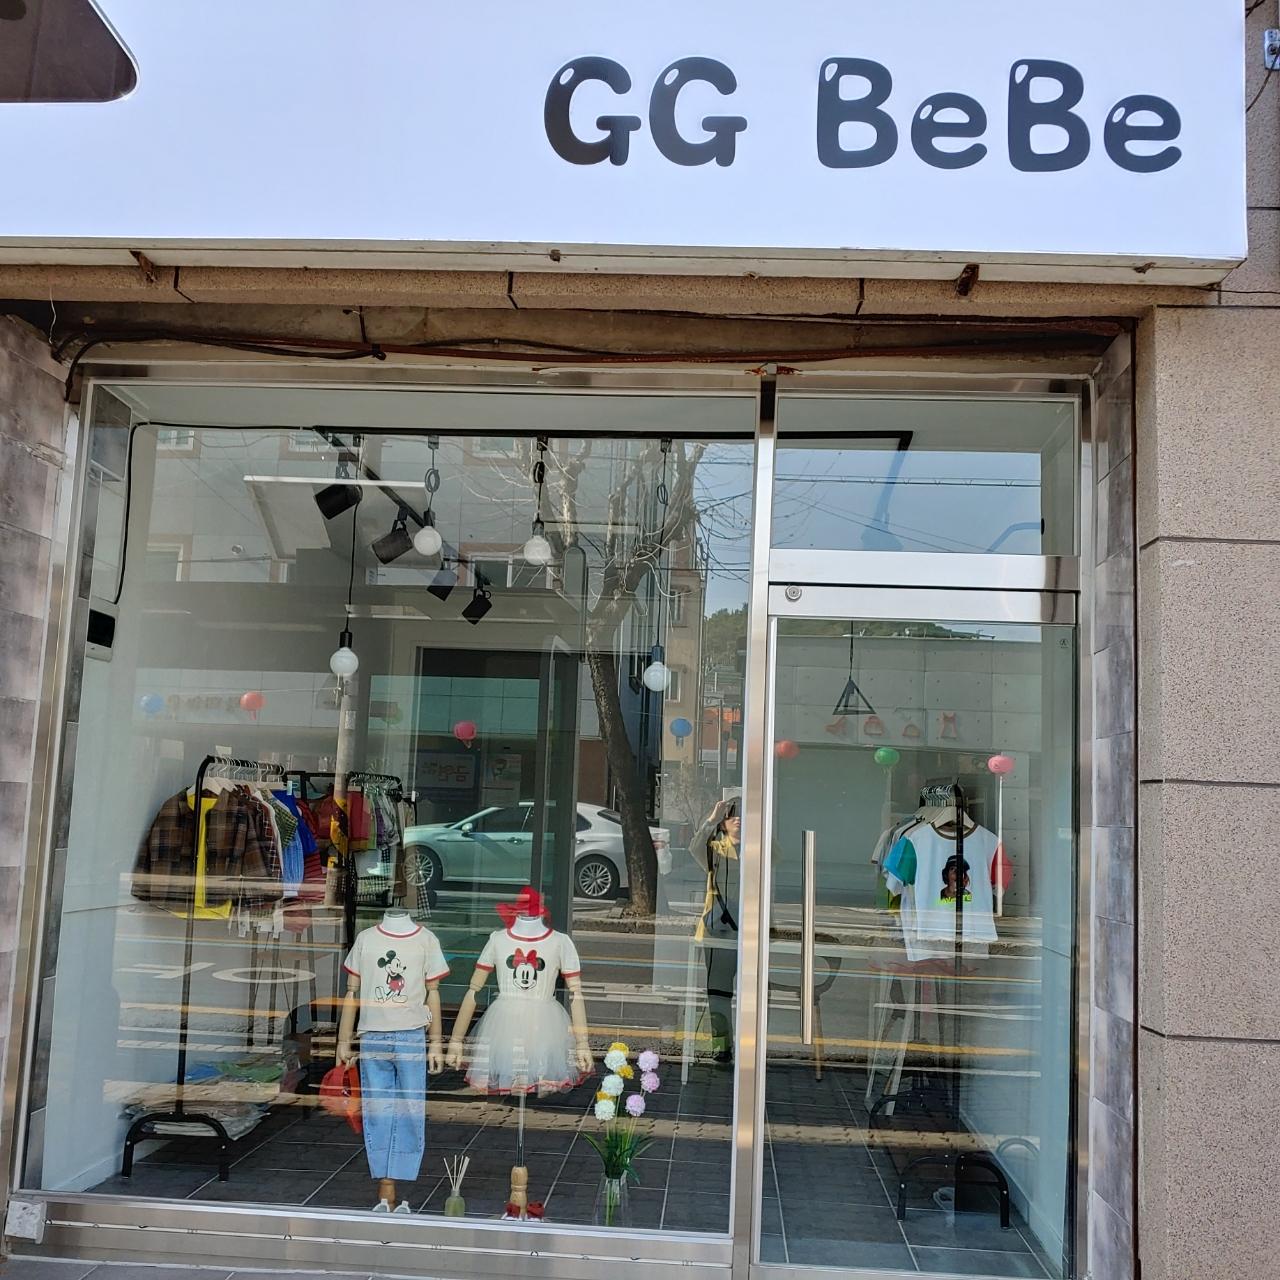 중구산성동키즈매장GG BEBE입니다~